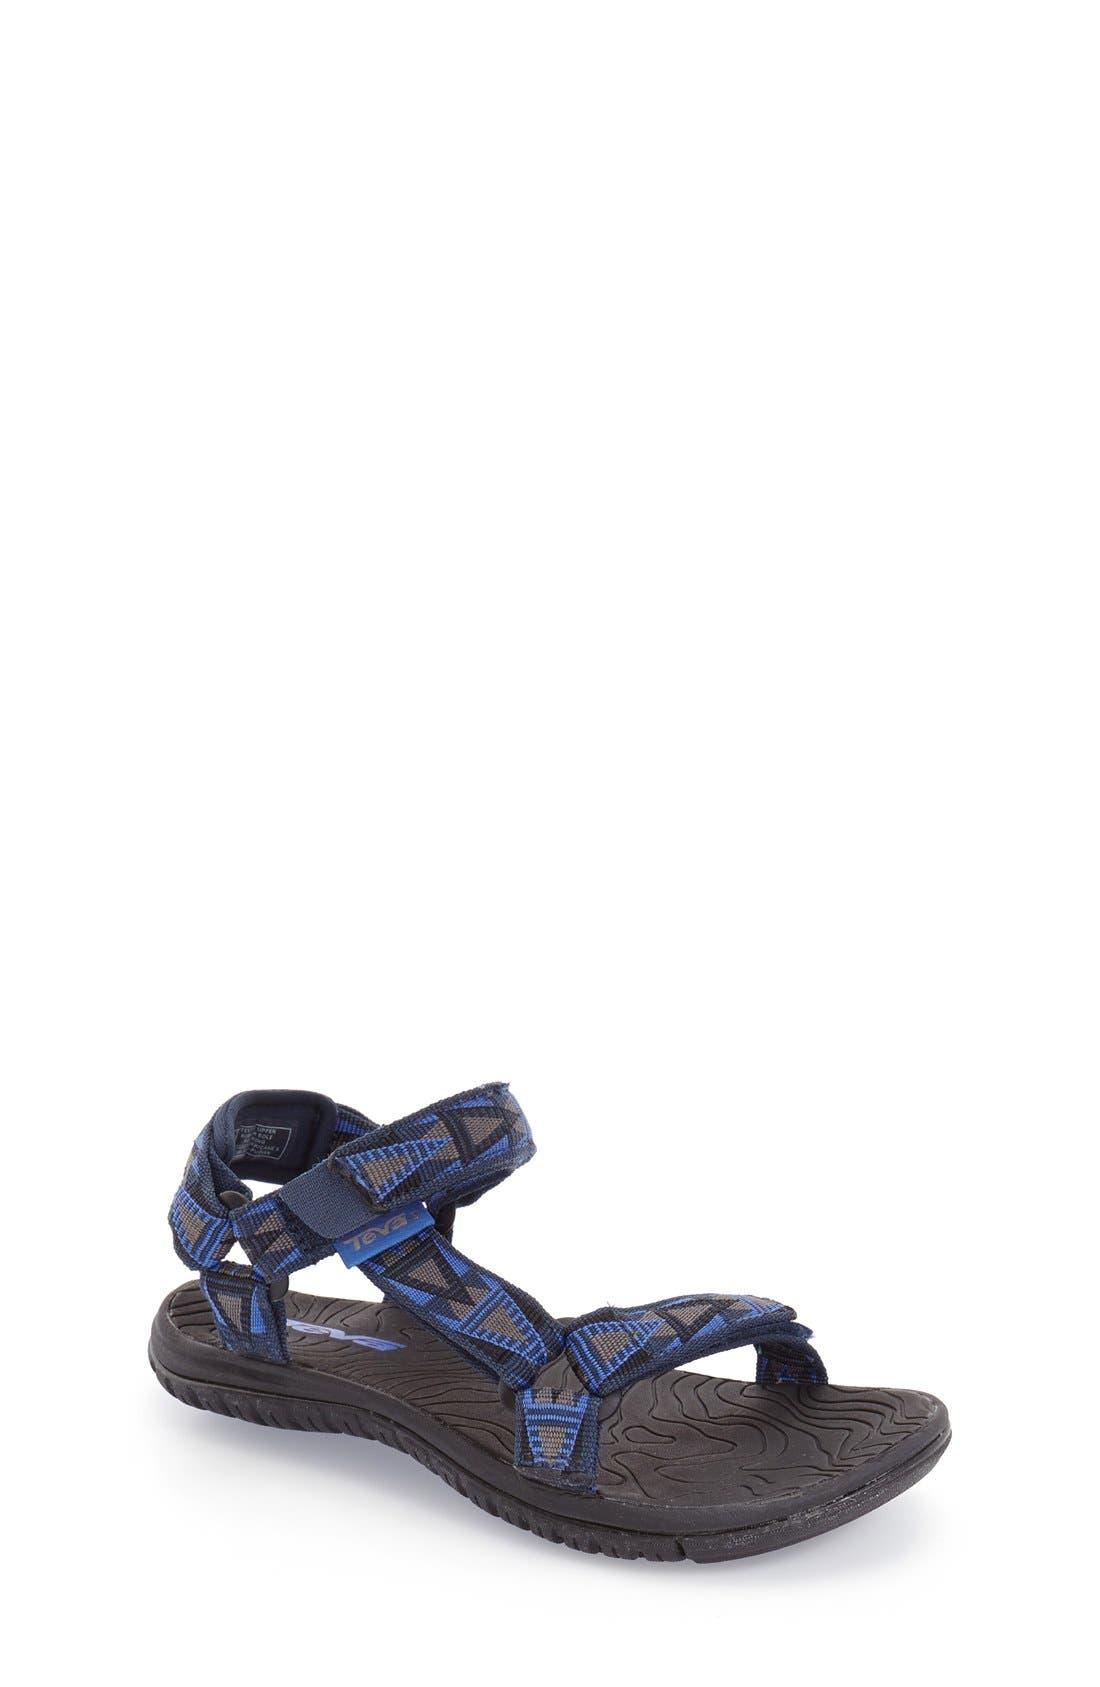 Teva 'Hurricane 3' Water Repellent Sport Sandal (Toddler & Little Kid)